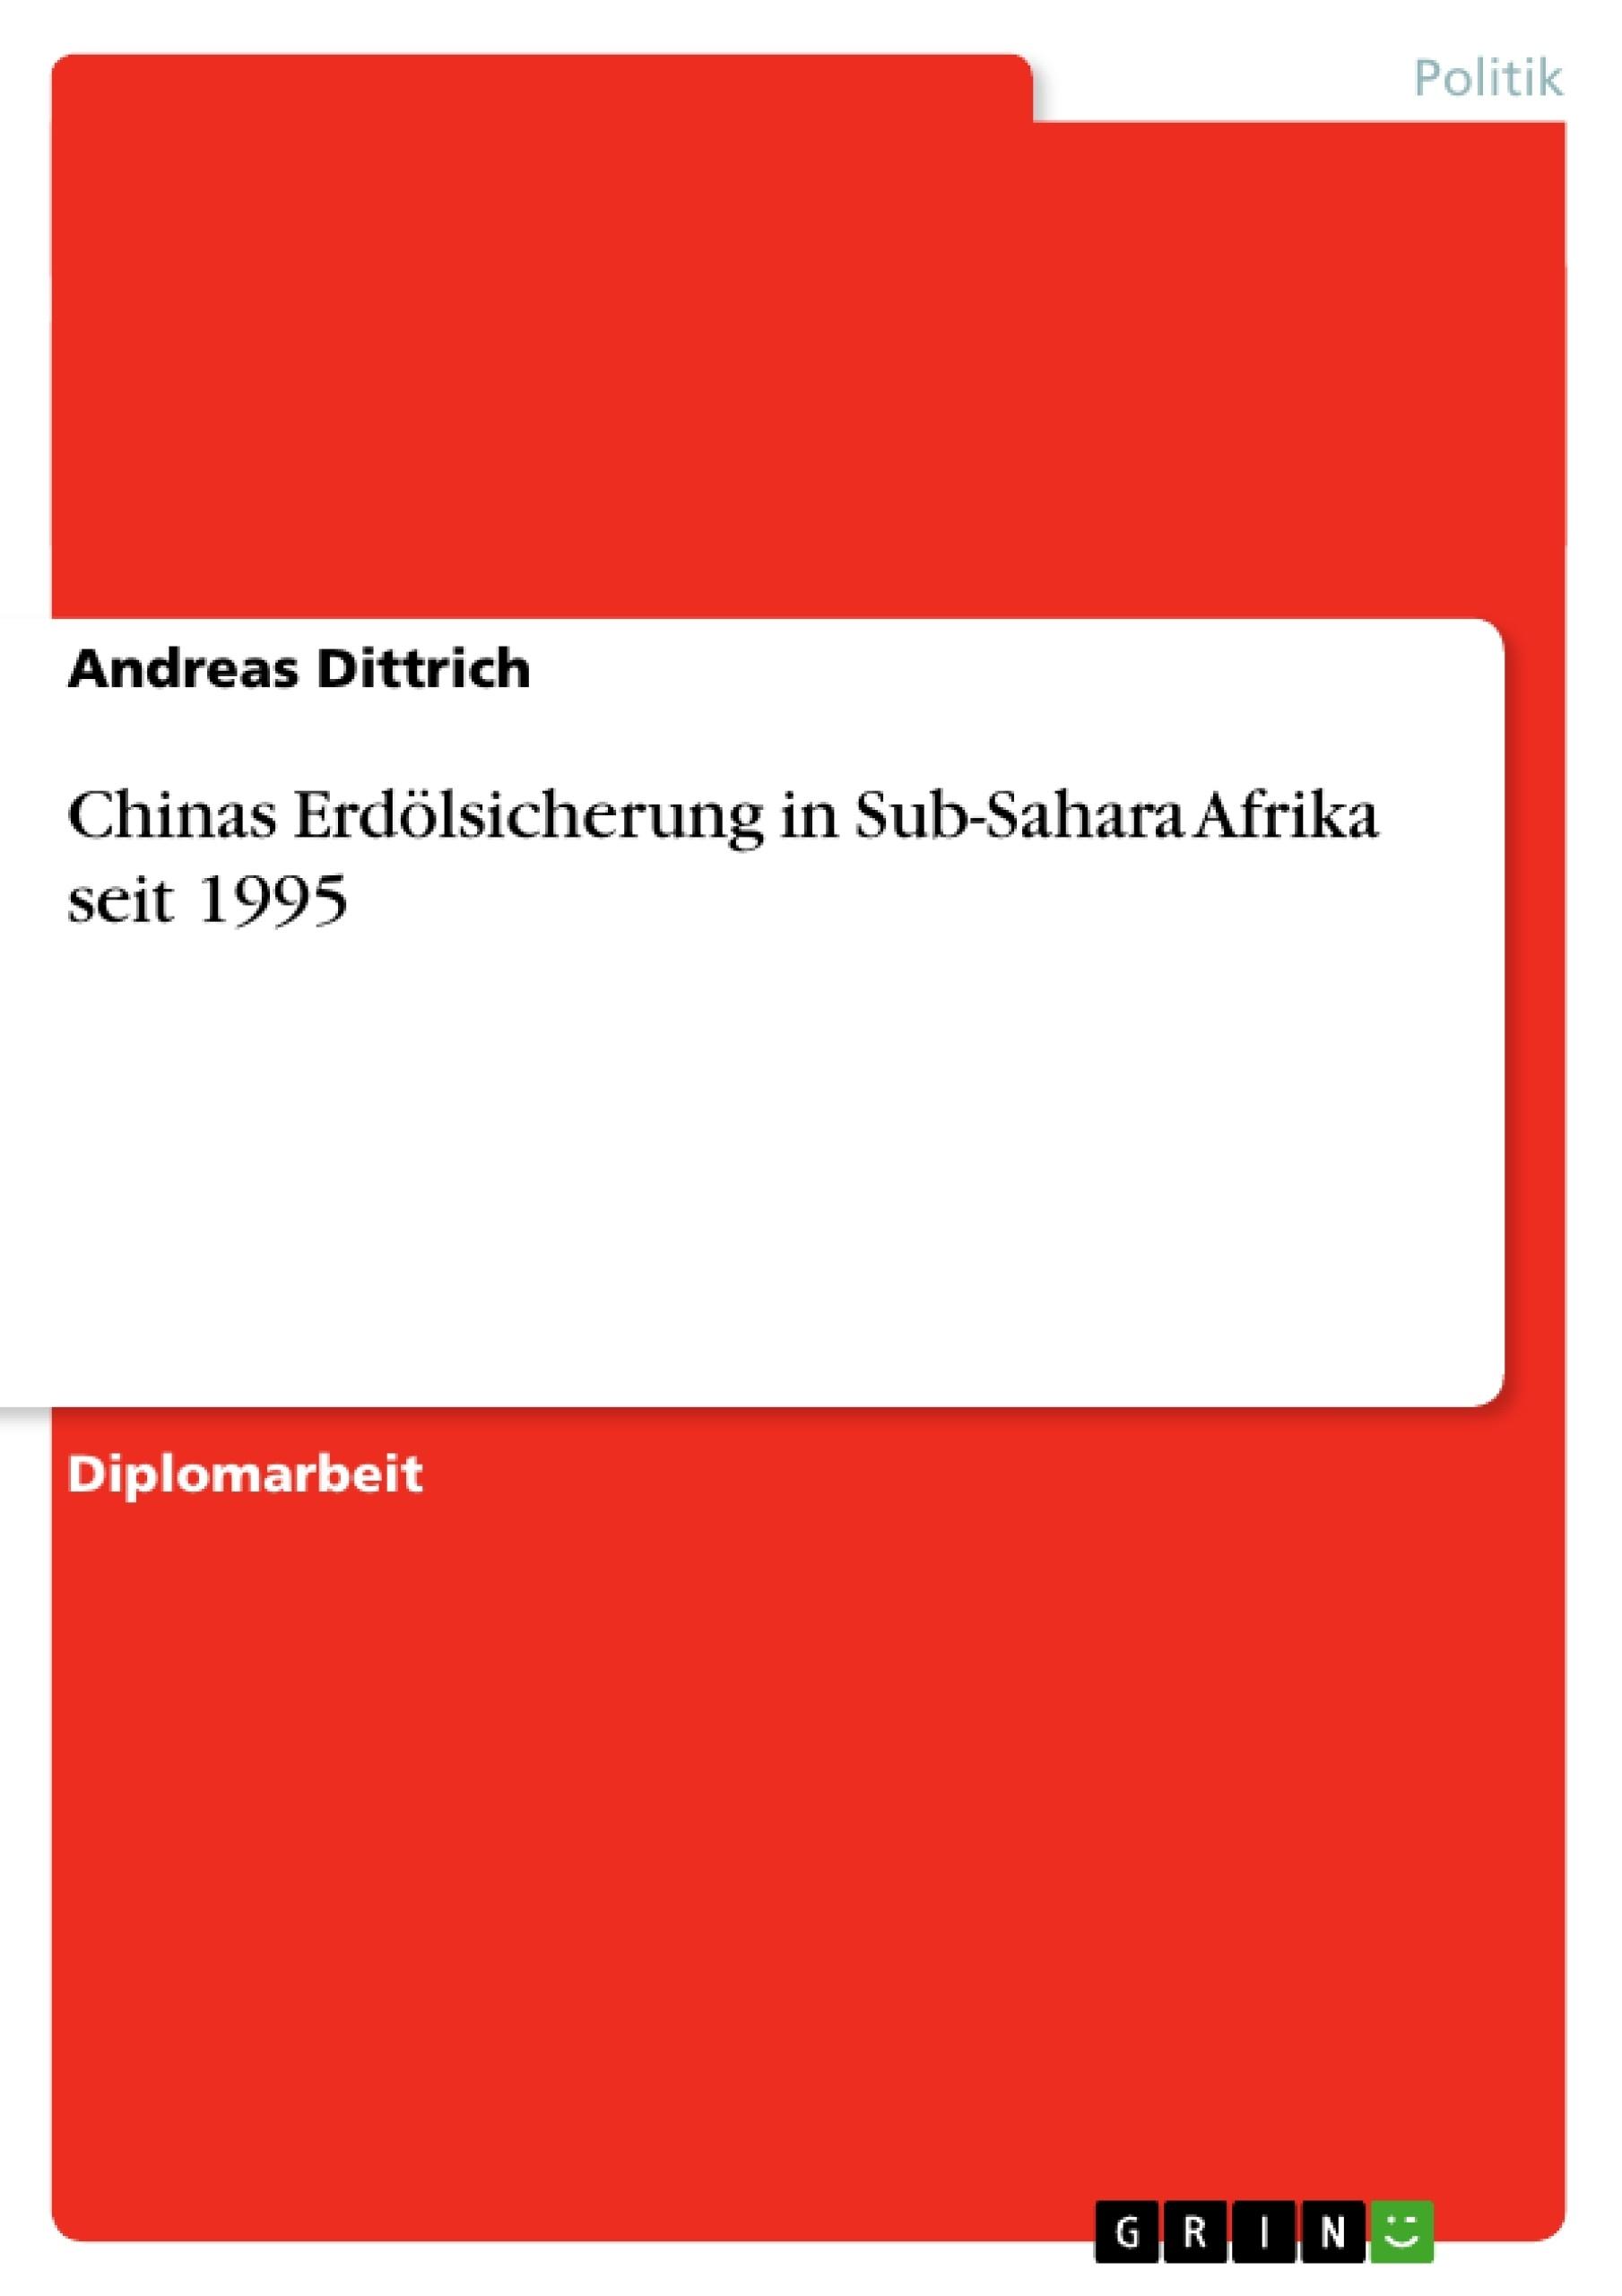 Titel: Chinas Erdölsicherung in Sub-Sahara Afrika seit 1995